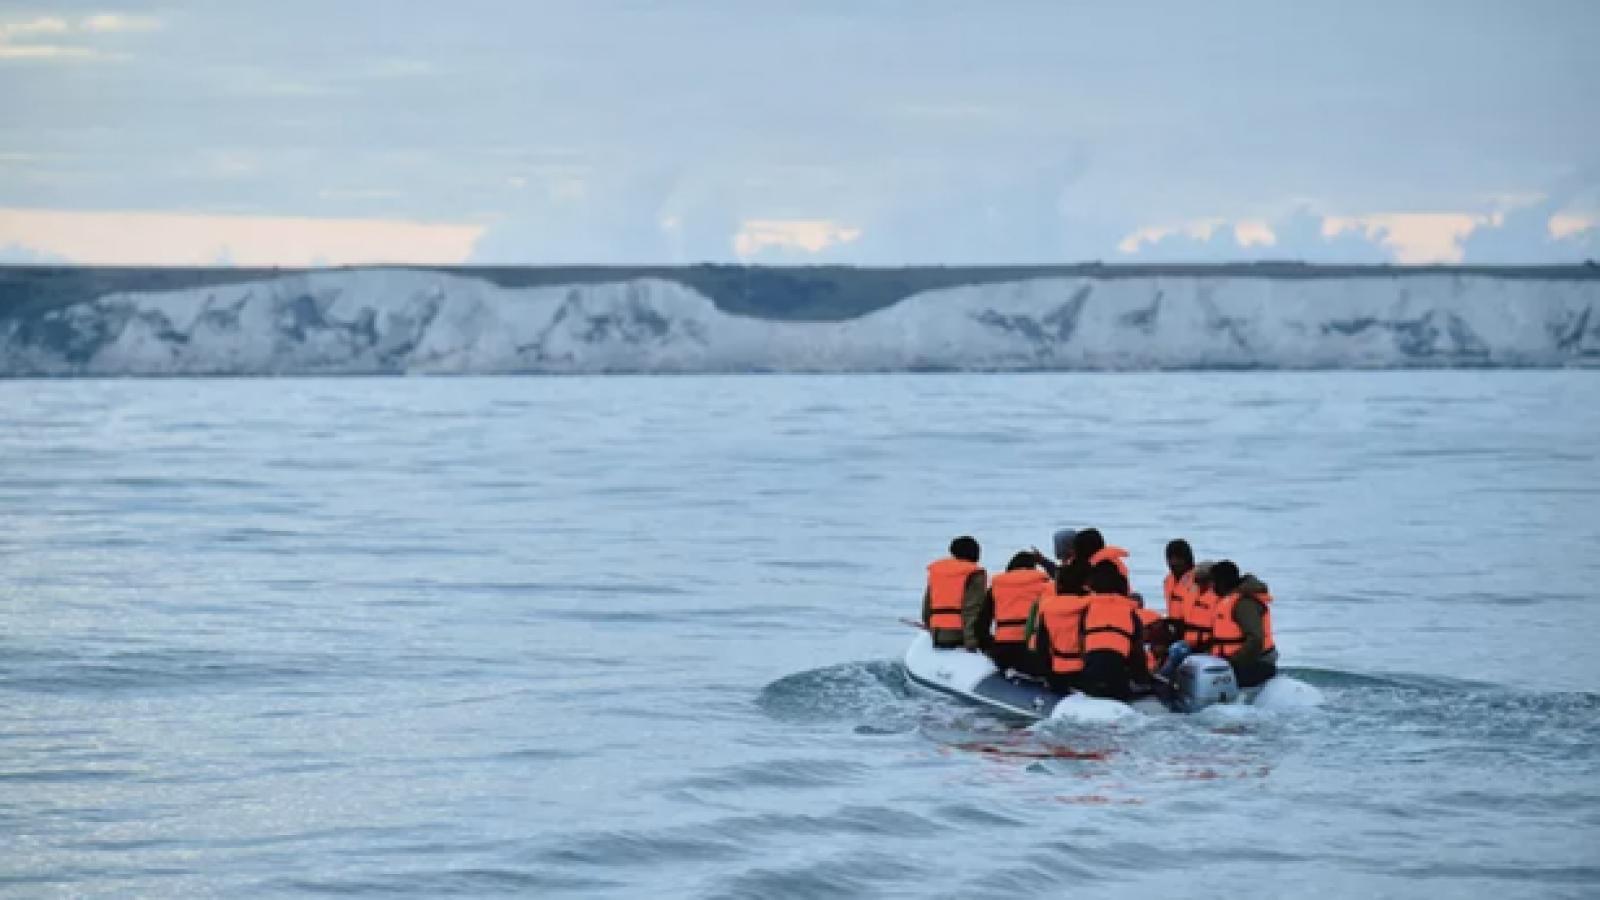 Thông tin vụ việc nhiều người Việt được cảnh sát Bỉ cứu trên biển khi vượt biên sang Anh